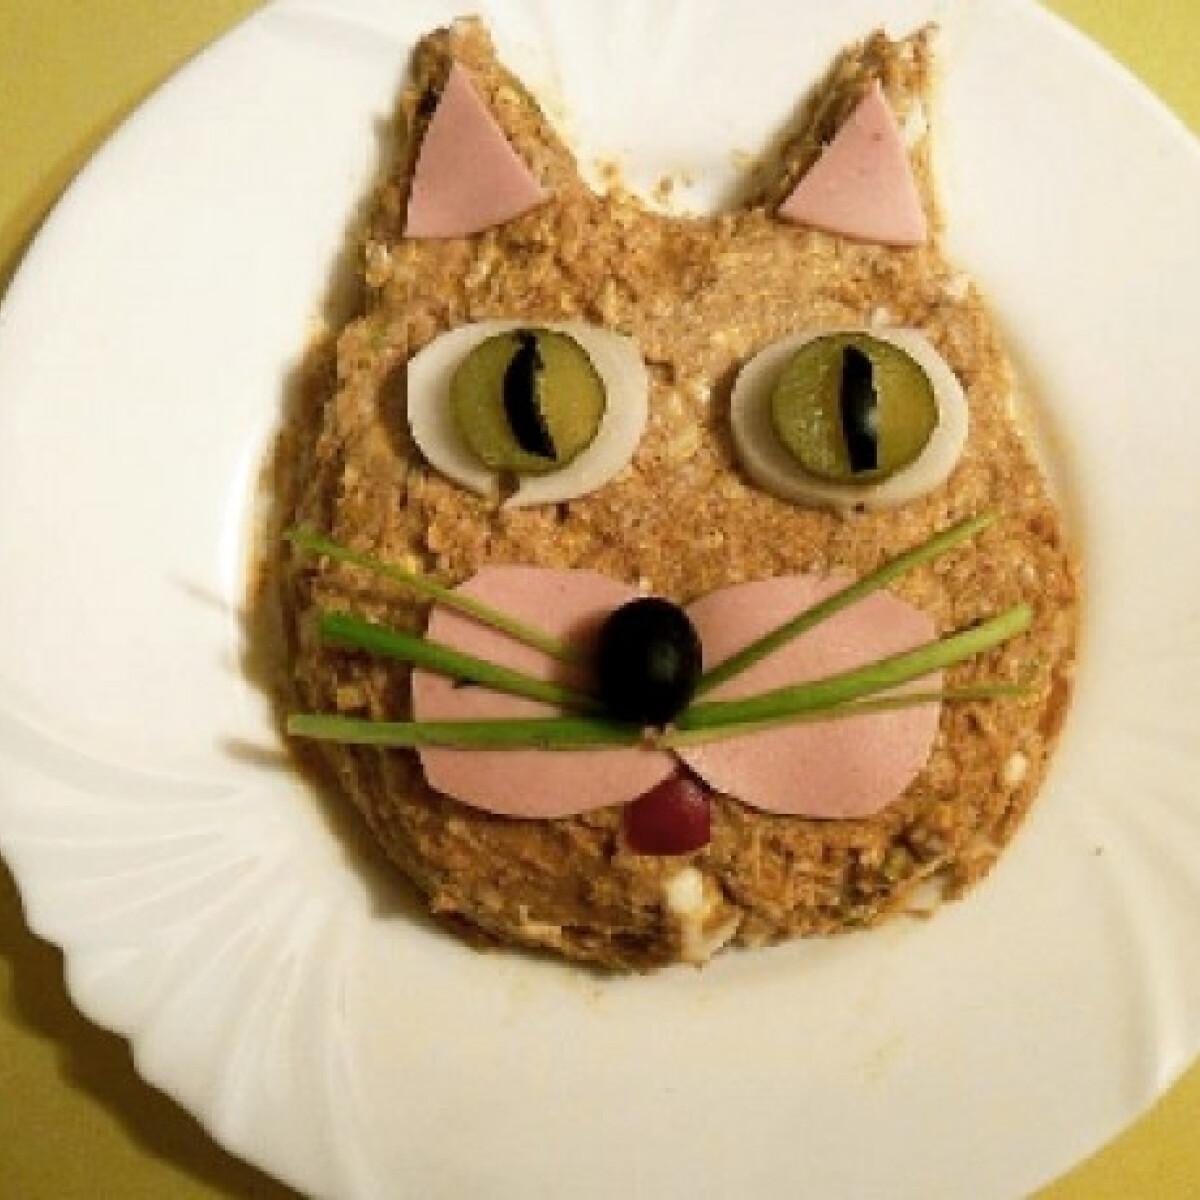 Ezen a képen: Macskafej alakú töpörtyűkrém